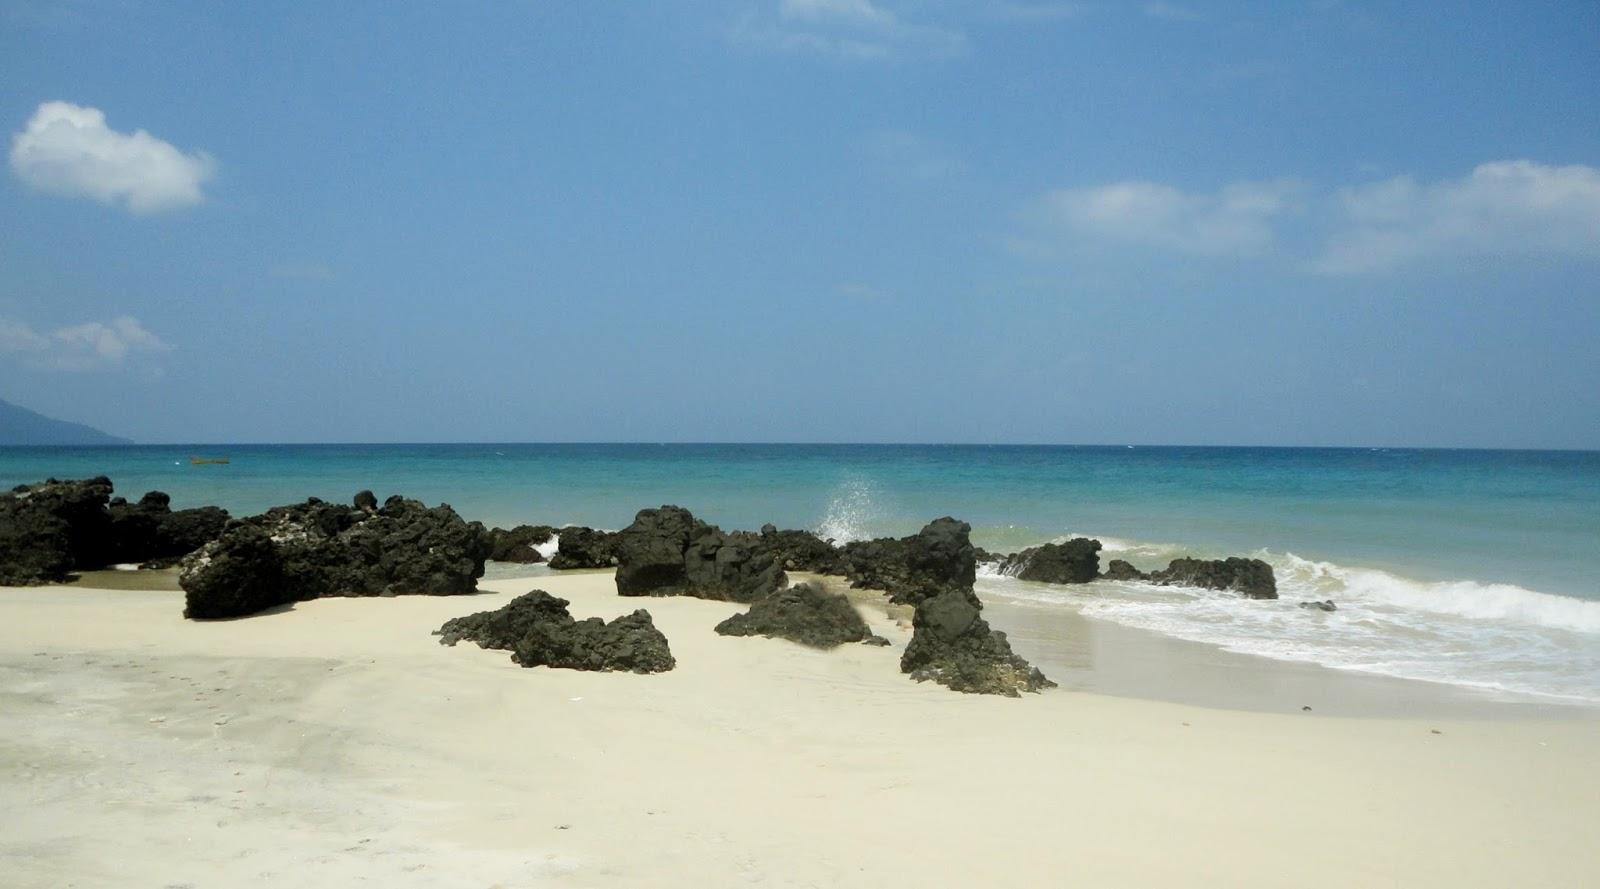 Pantai Kasih wisata indah dengan langit biru dan manis